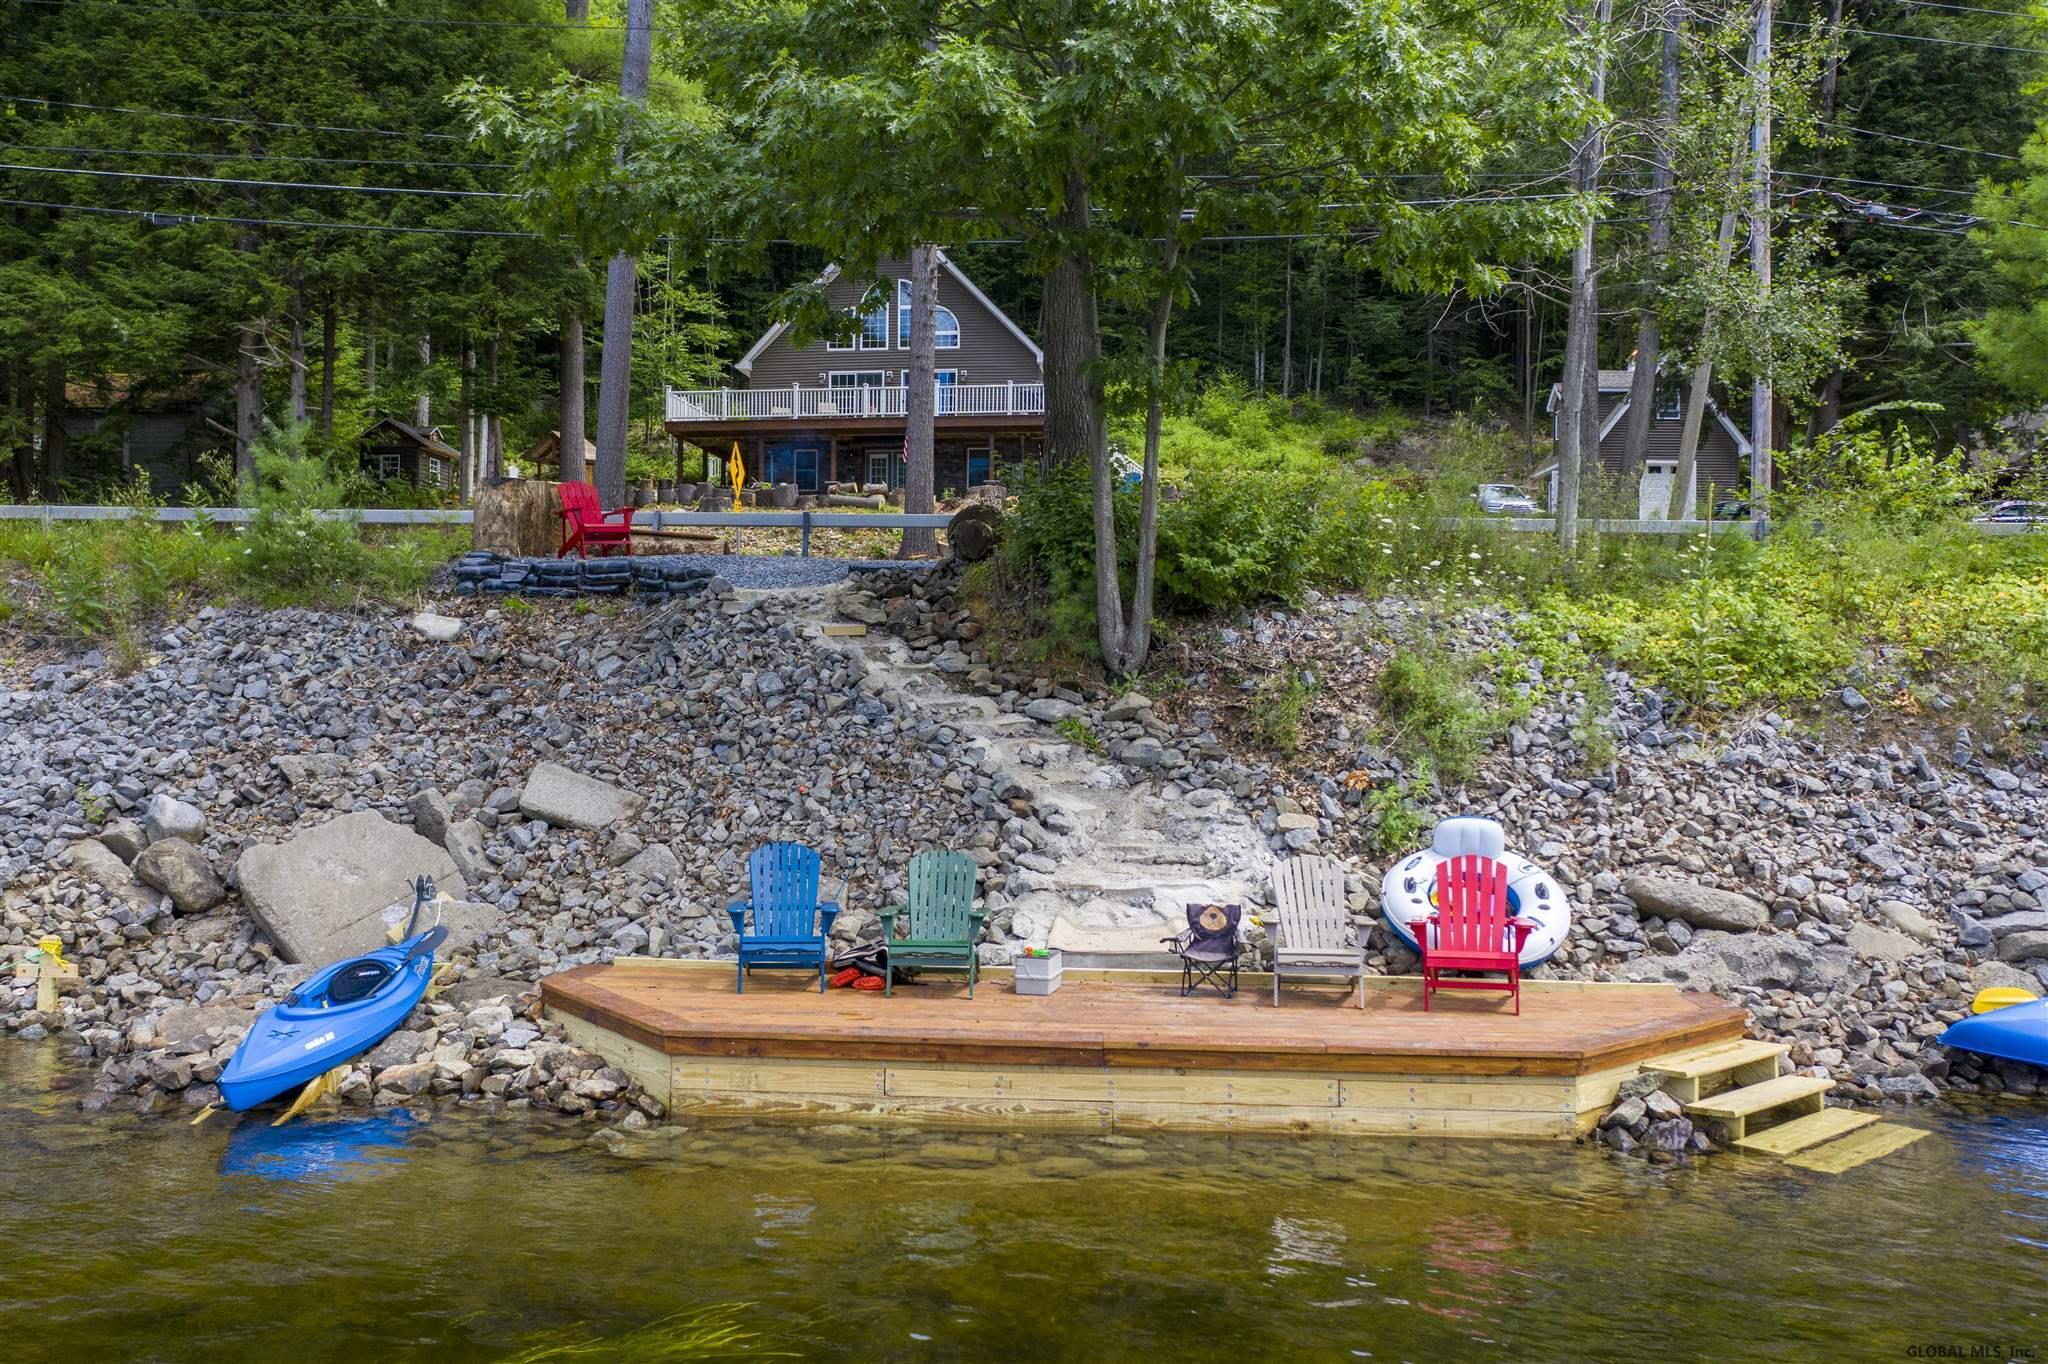 Lake Luzer image 52